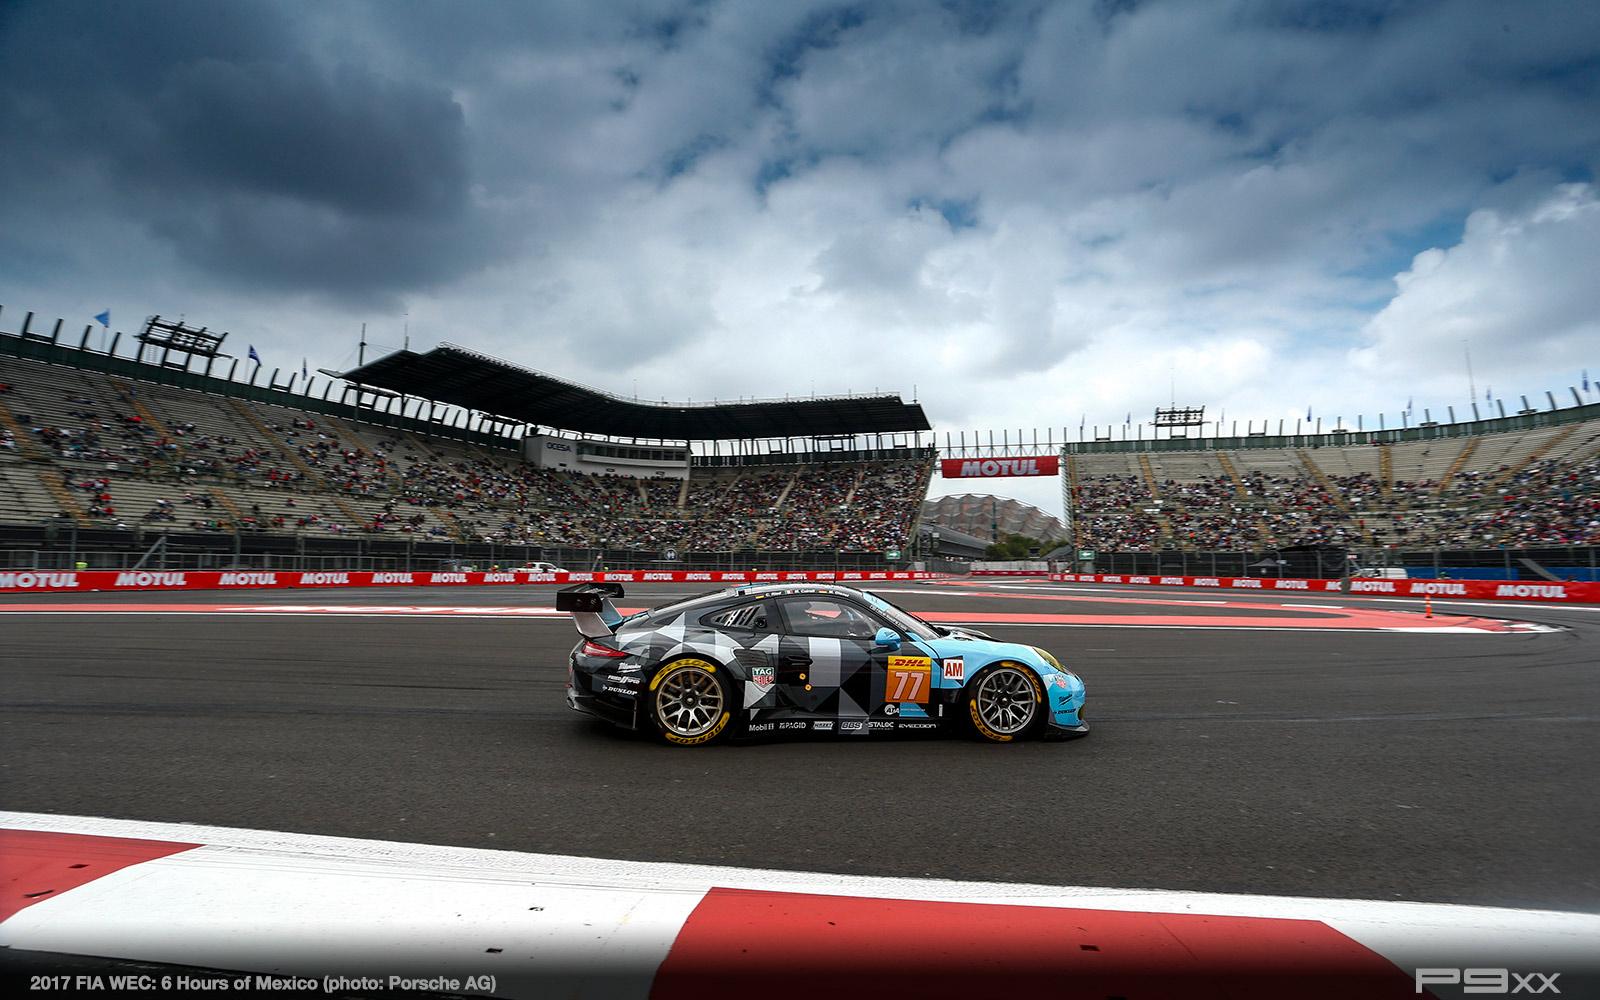 2017-FIA-WEC-6-HOURS-MEXICO-PORSCHE-1372